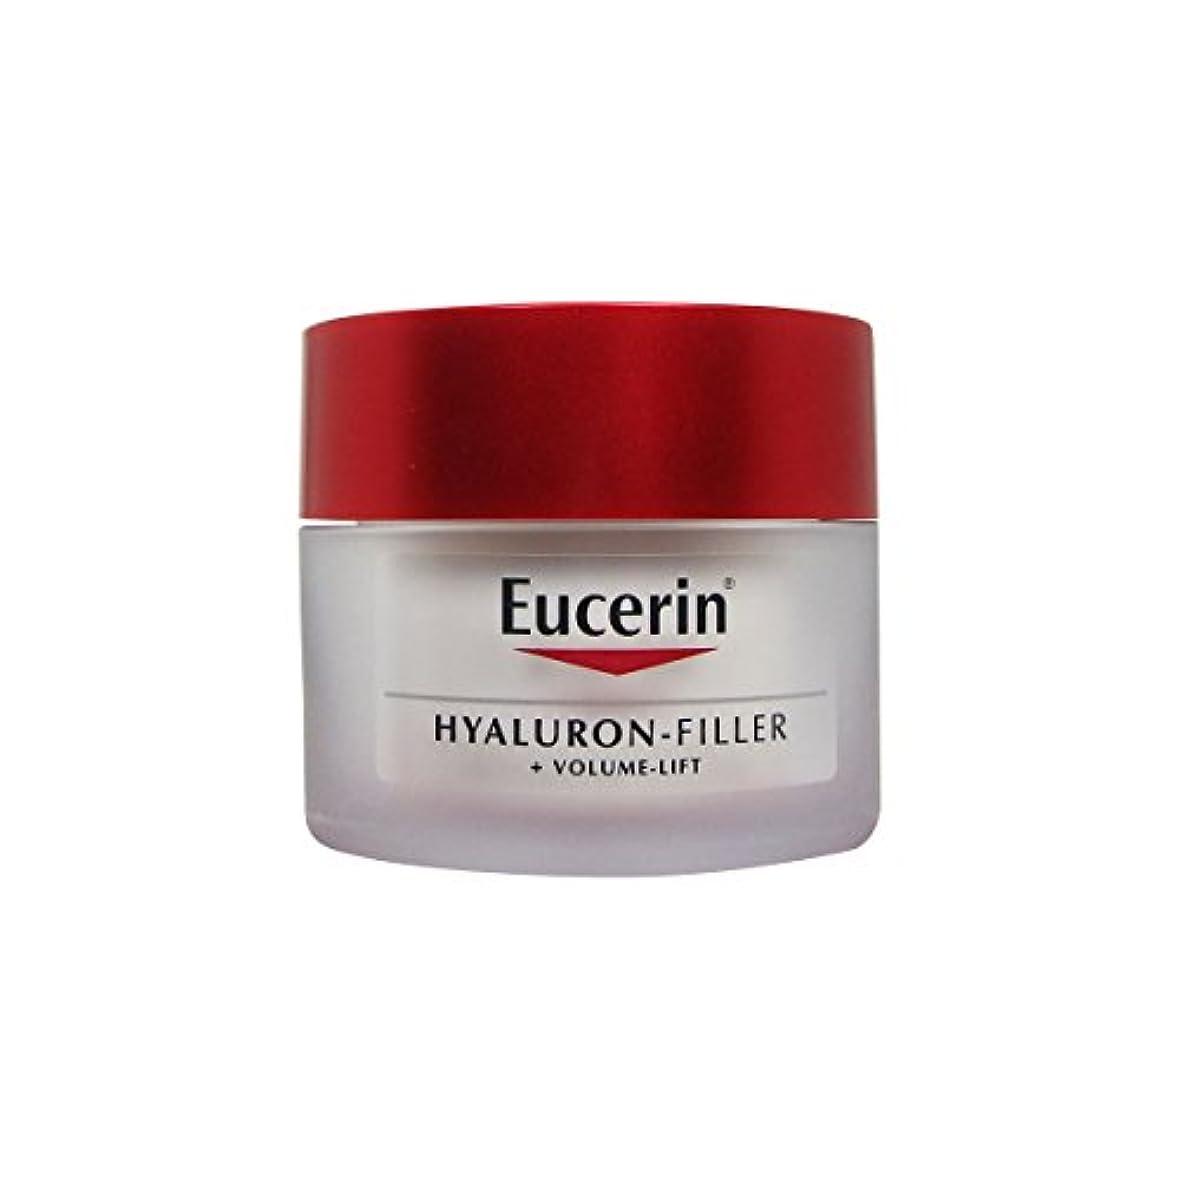 構成員後悔モバイルEucerin Hyaluron Filler + Volume Lift Day Cream Normal to Combination Skin 50ml